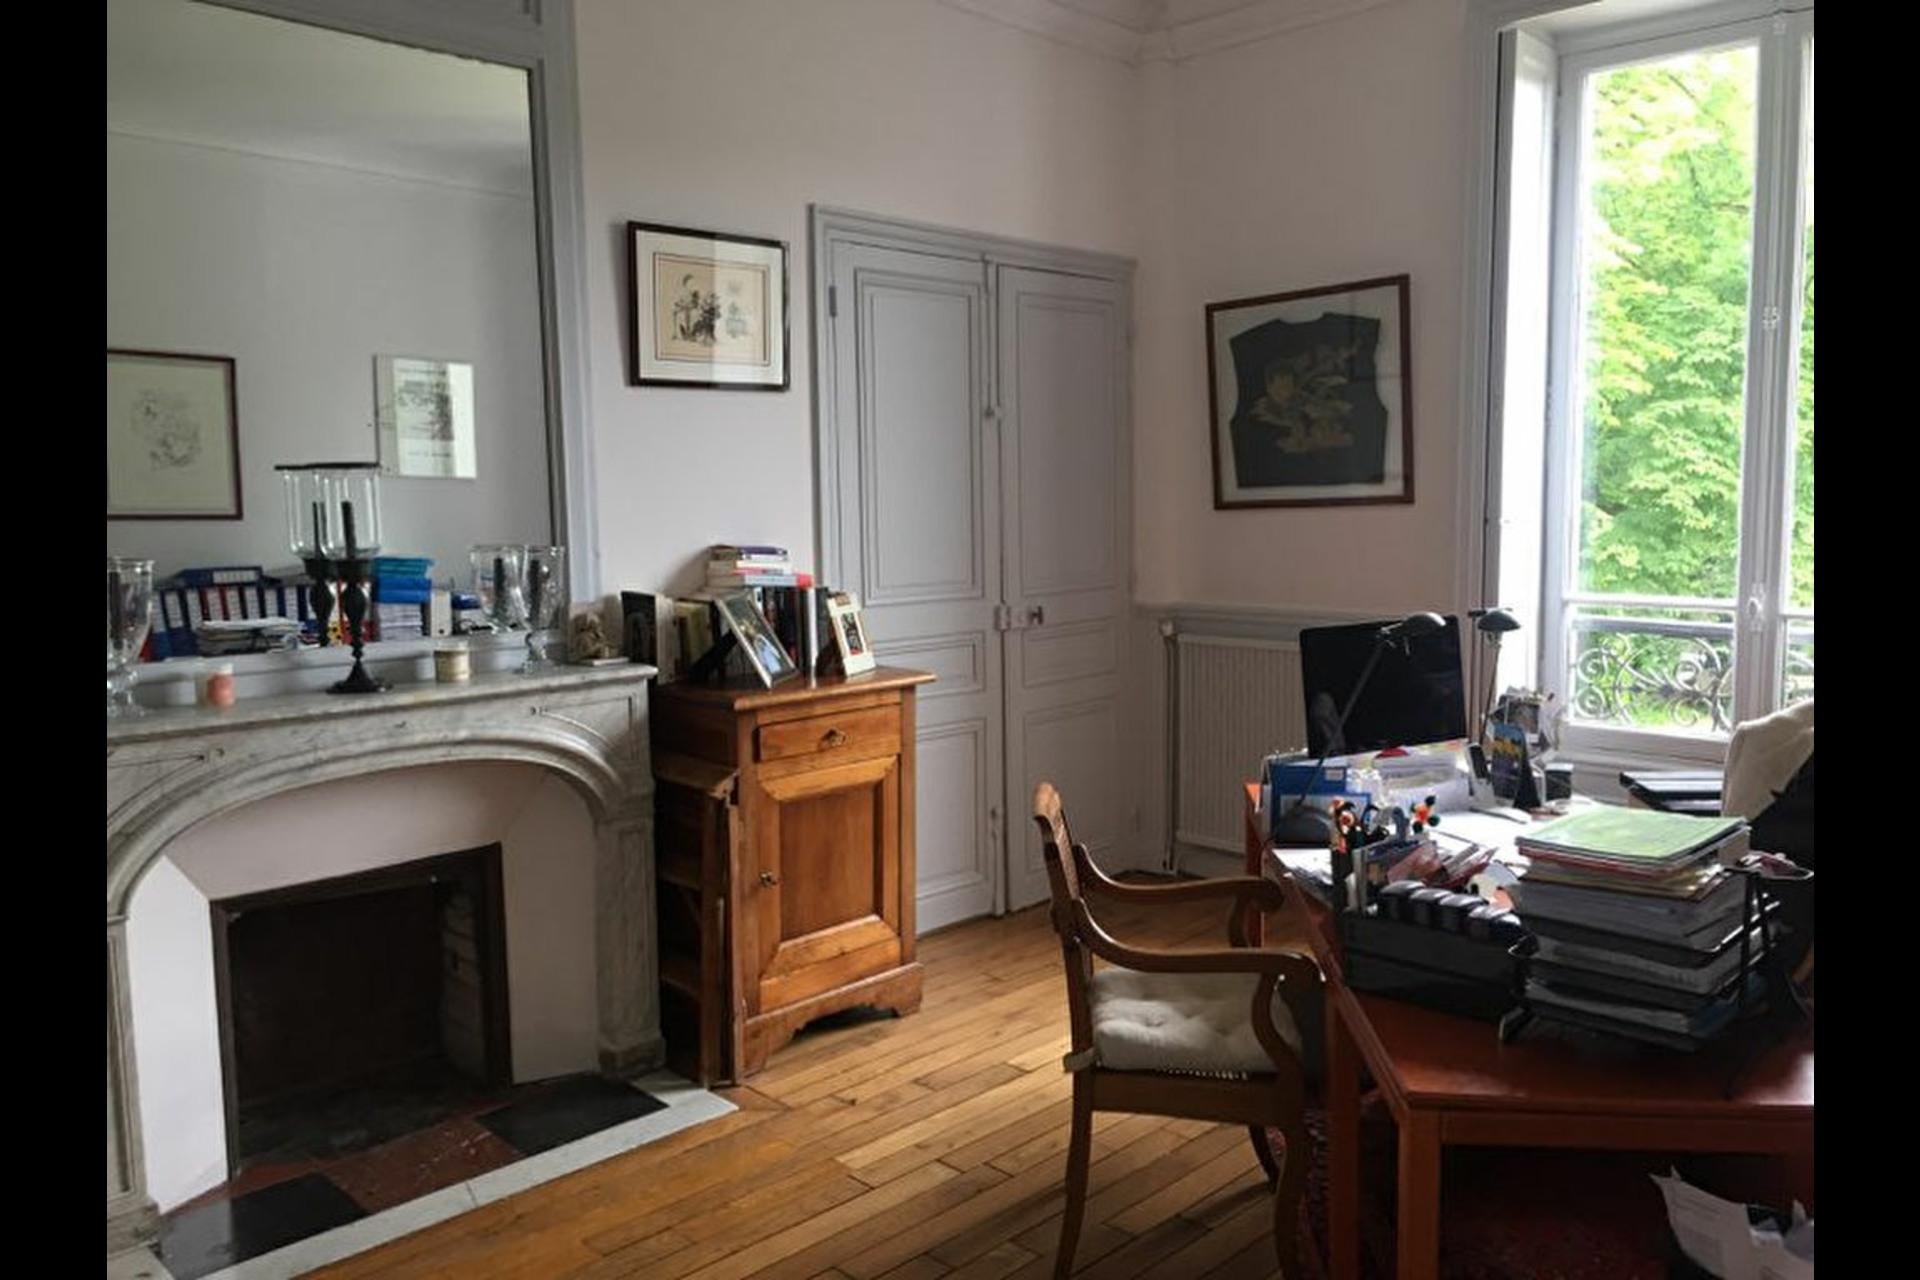 image 7 - Appartement À louer saint germain en laye - 6 pièces